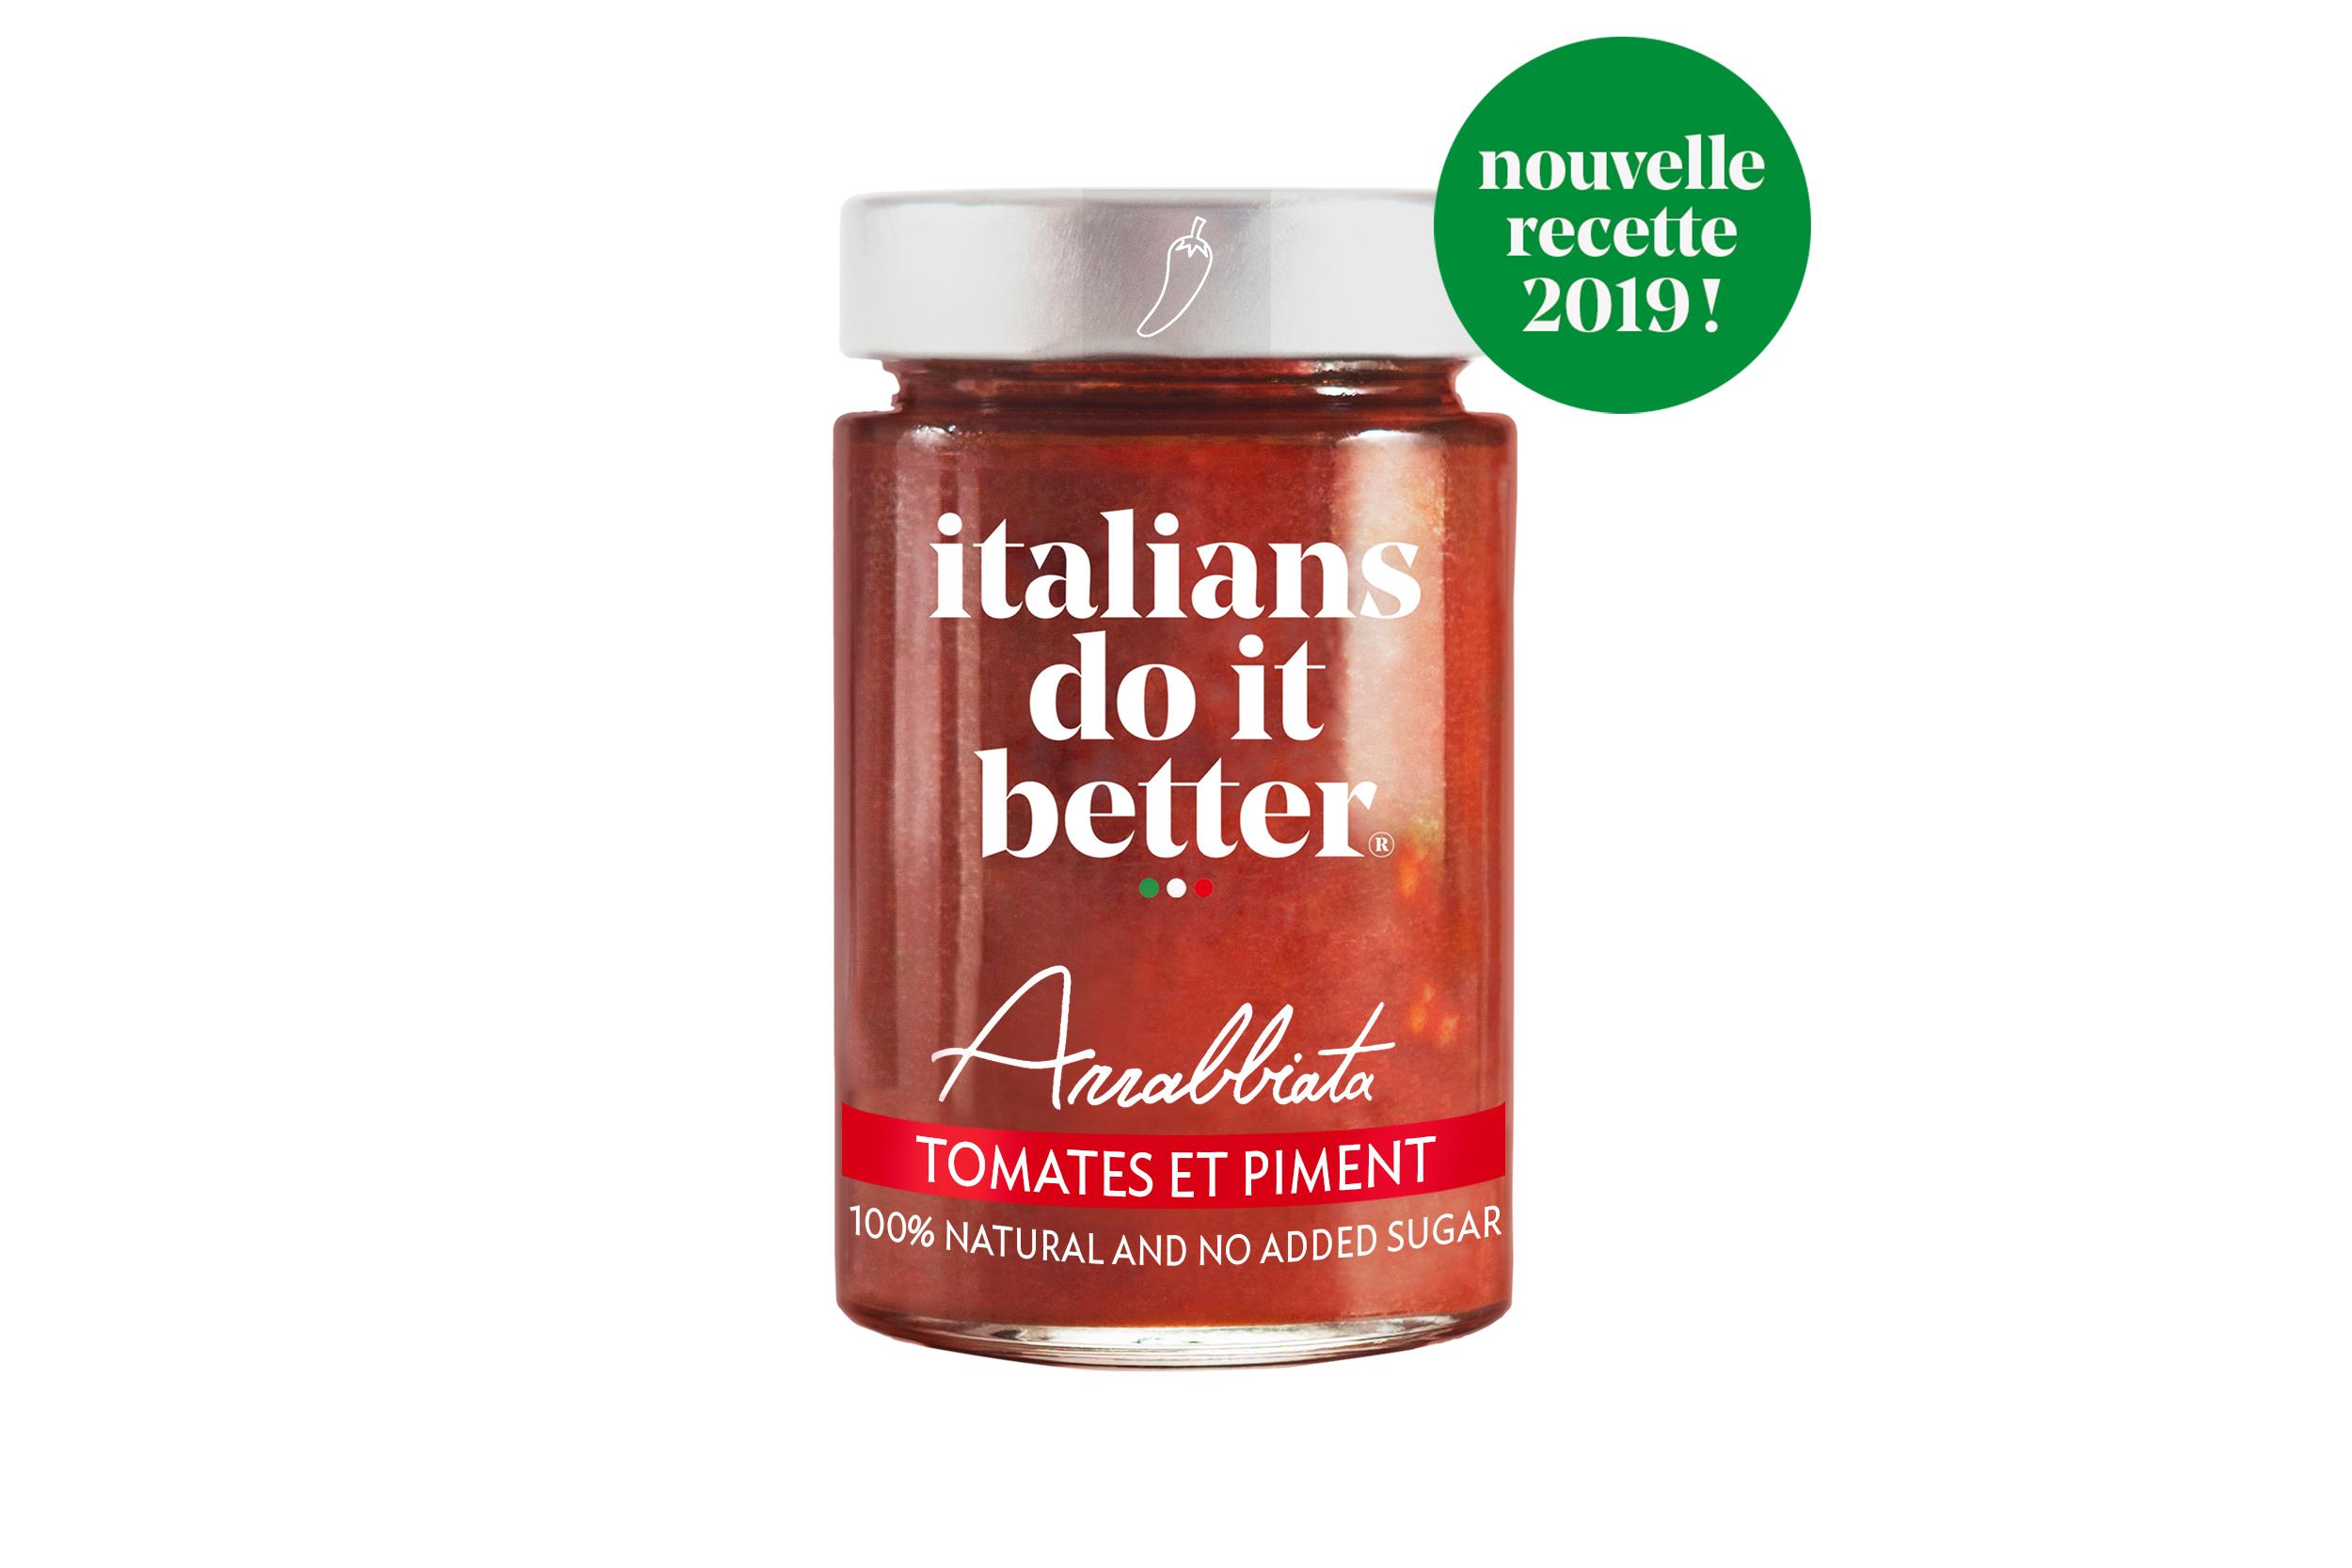 Arrabbiata 190g   Tomates (91%), Huile d'olive extra vierge, Carottes, Oignons, Basilico Genovese AOP, Sel, Piment (0,1%), Ail, Poivre.  Cette sauce savoureuse et relevée est originaire du Latium et plus précisément de Rome.  Le nom Arrabiata vient du fait que la personne qui déguste cette sauce devient toute rouge comme si elle était énervée.   How to do it better :  salez l'eau des pâtes, cuire la pasta al dente et faites-la revenir 1 minute à feu doux avec la sauce. Saupoudrez le tout de Parmigiano Reggiano. A cuisiner avec des  penne  .